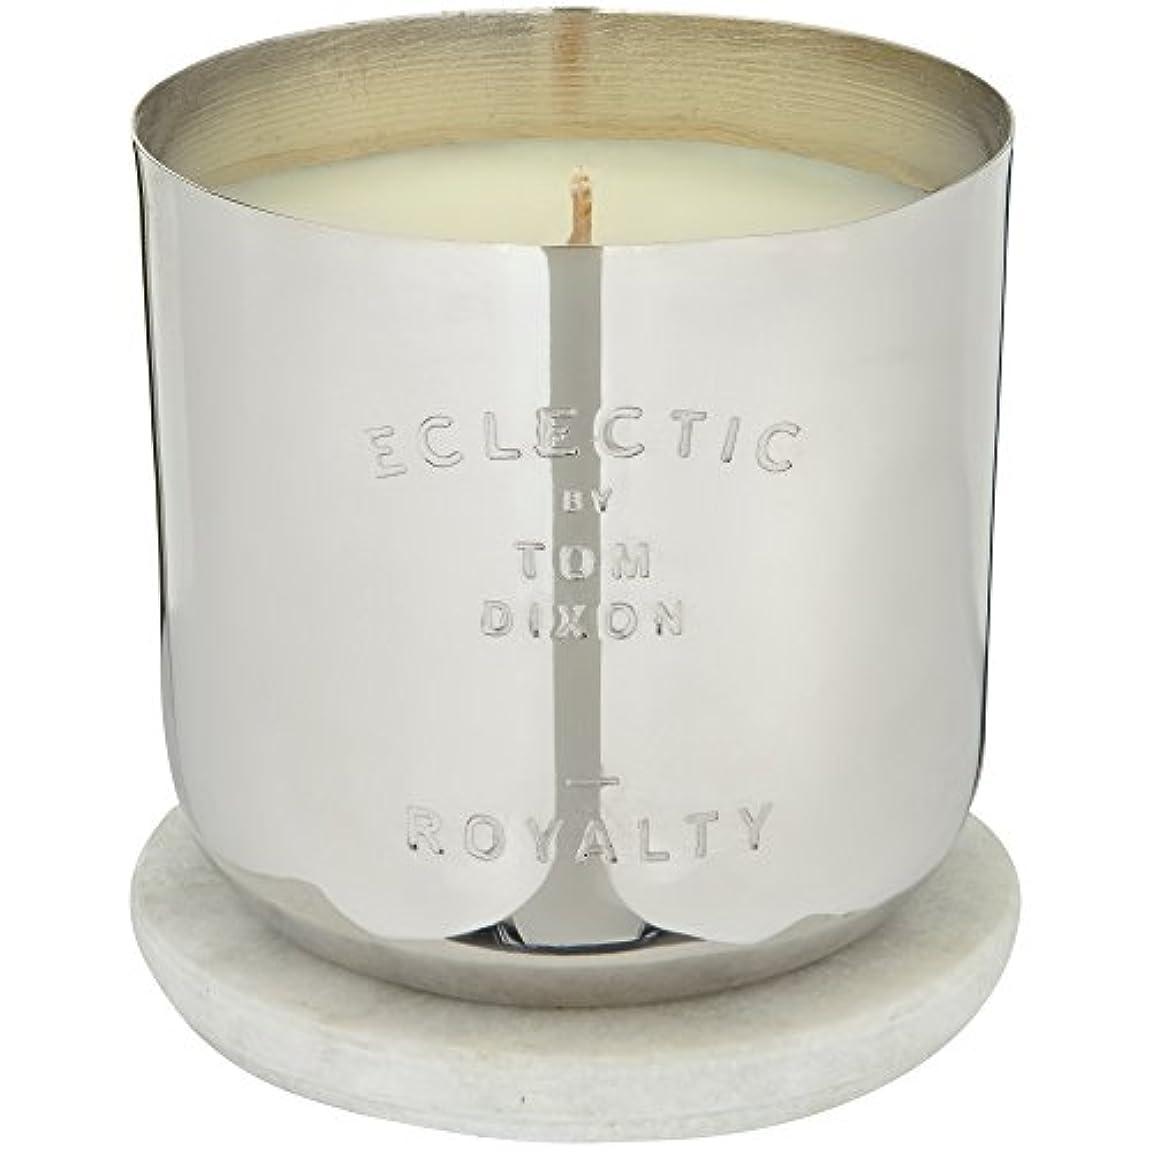 食事フットボール気晴らしトム?ディクソンロイヤリティ香りのキャンドル x6 - Tom Dixon Royalty Scented Candle (Pack of 6) [並行輸入品]